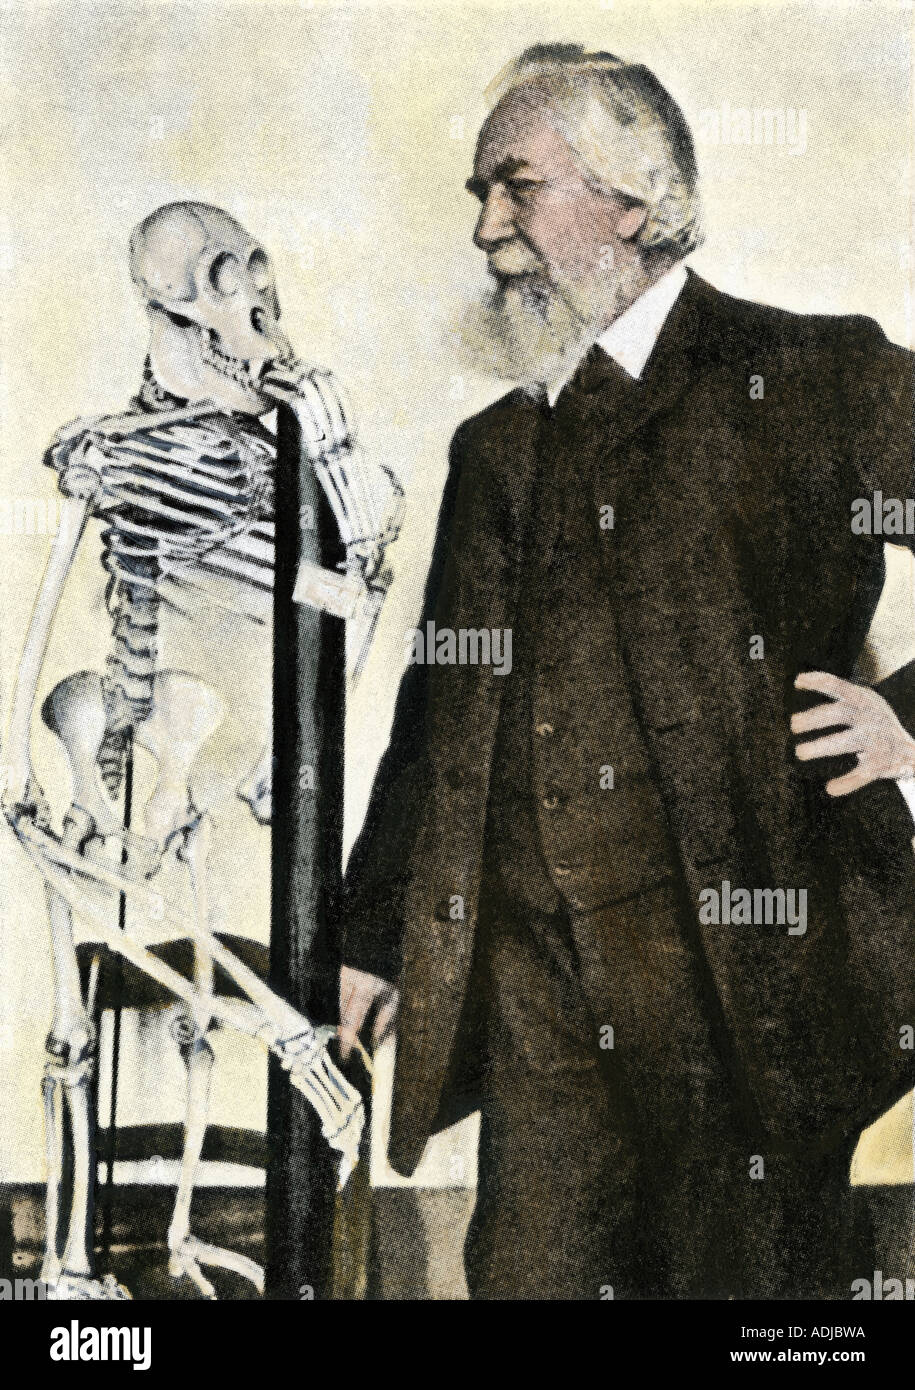 Il professor Ernst Haeckel con un'ancestrale scheletro umano a Jena circa 1900. Colorate a mano i mezzitoni di una fotografia Immagini Stock